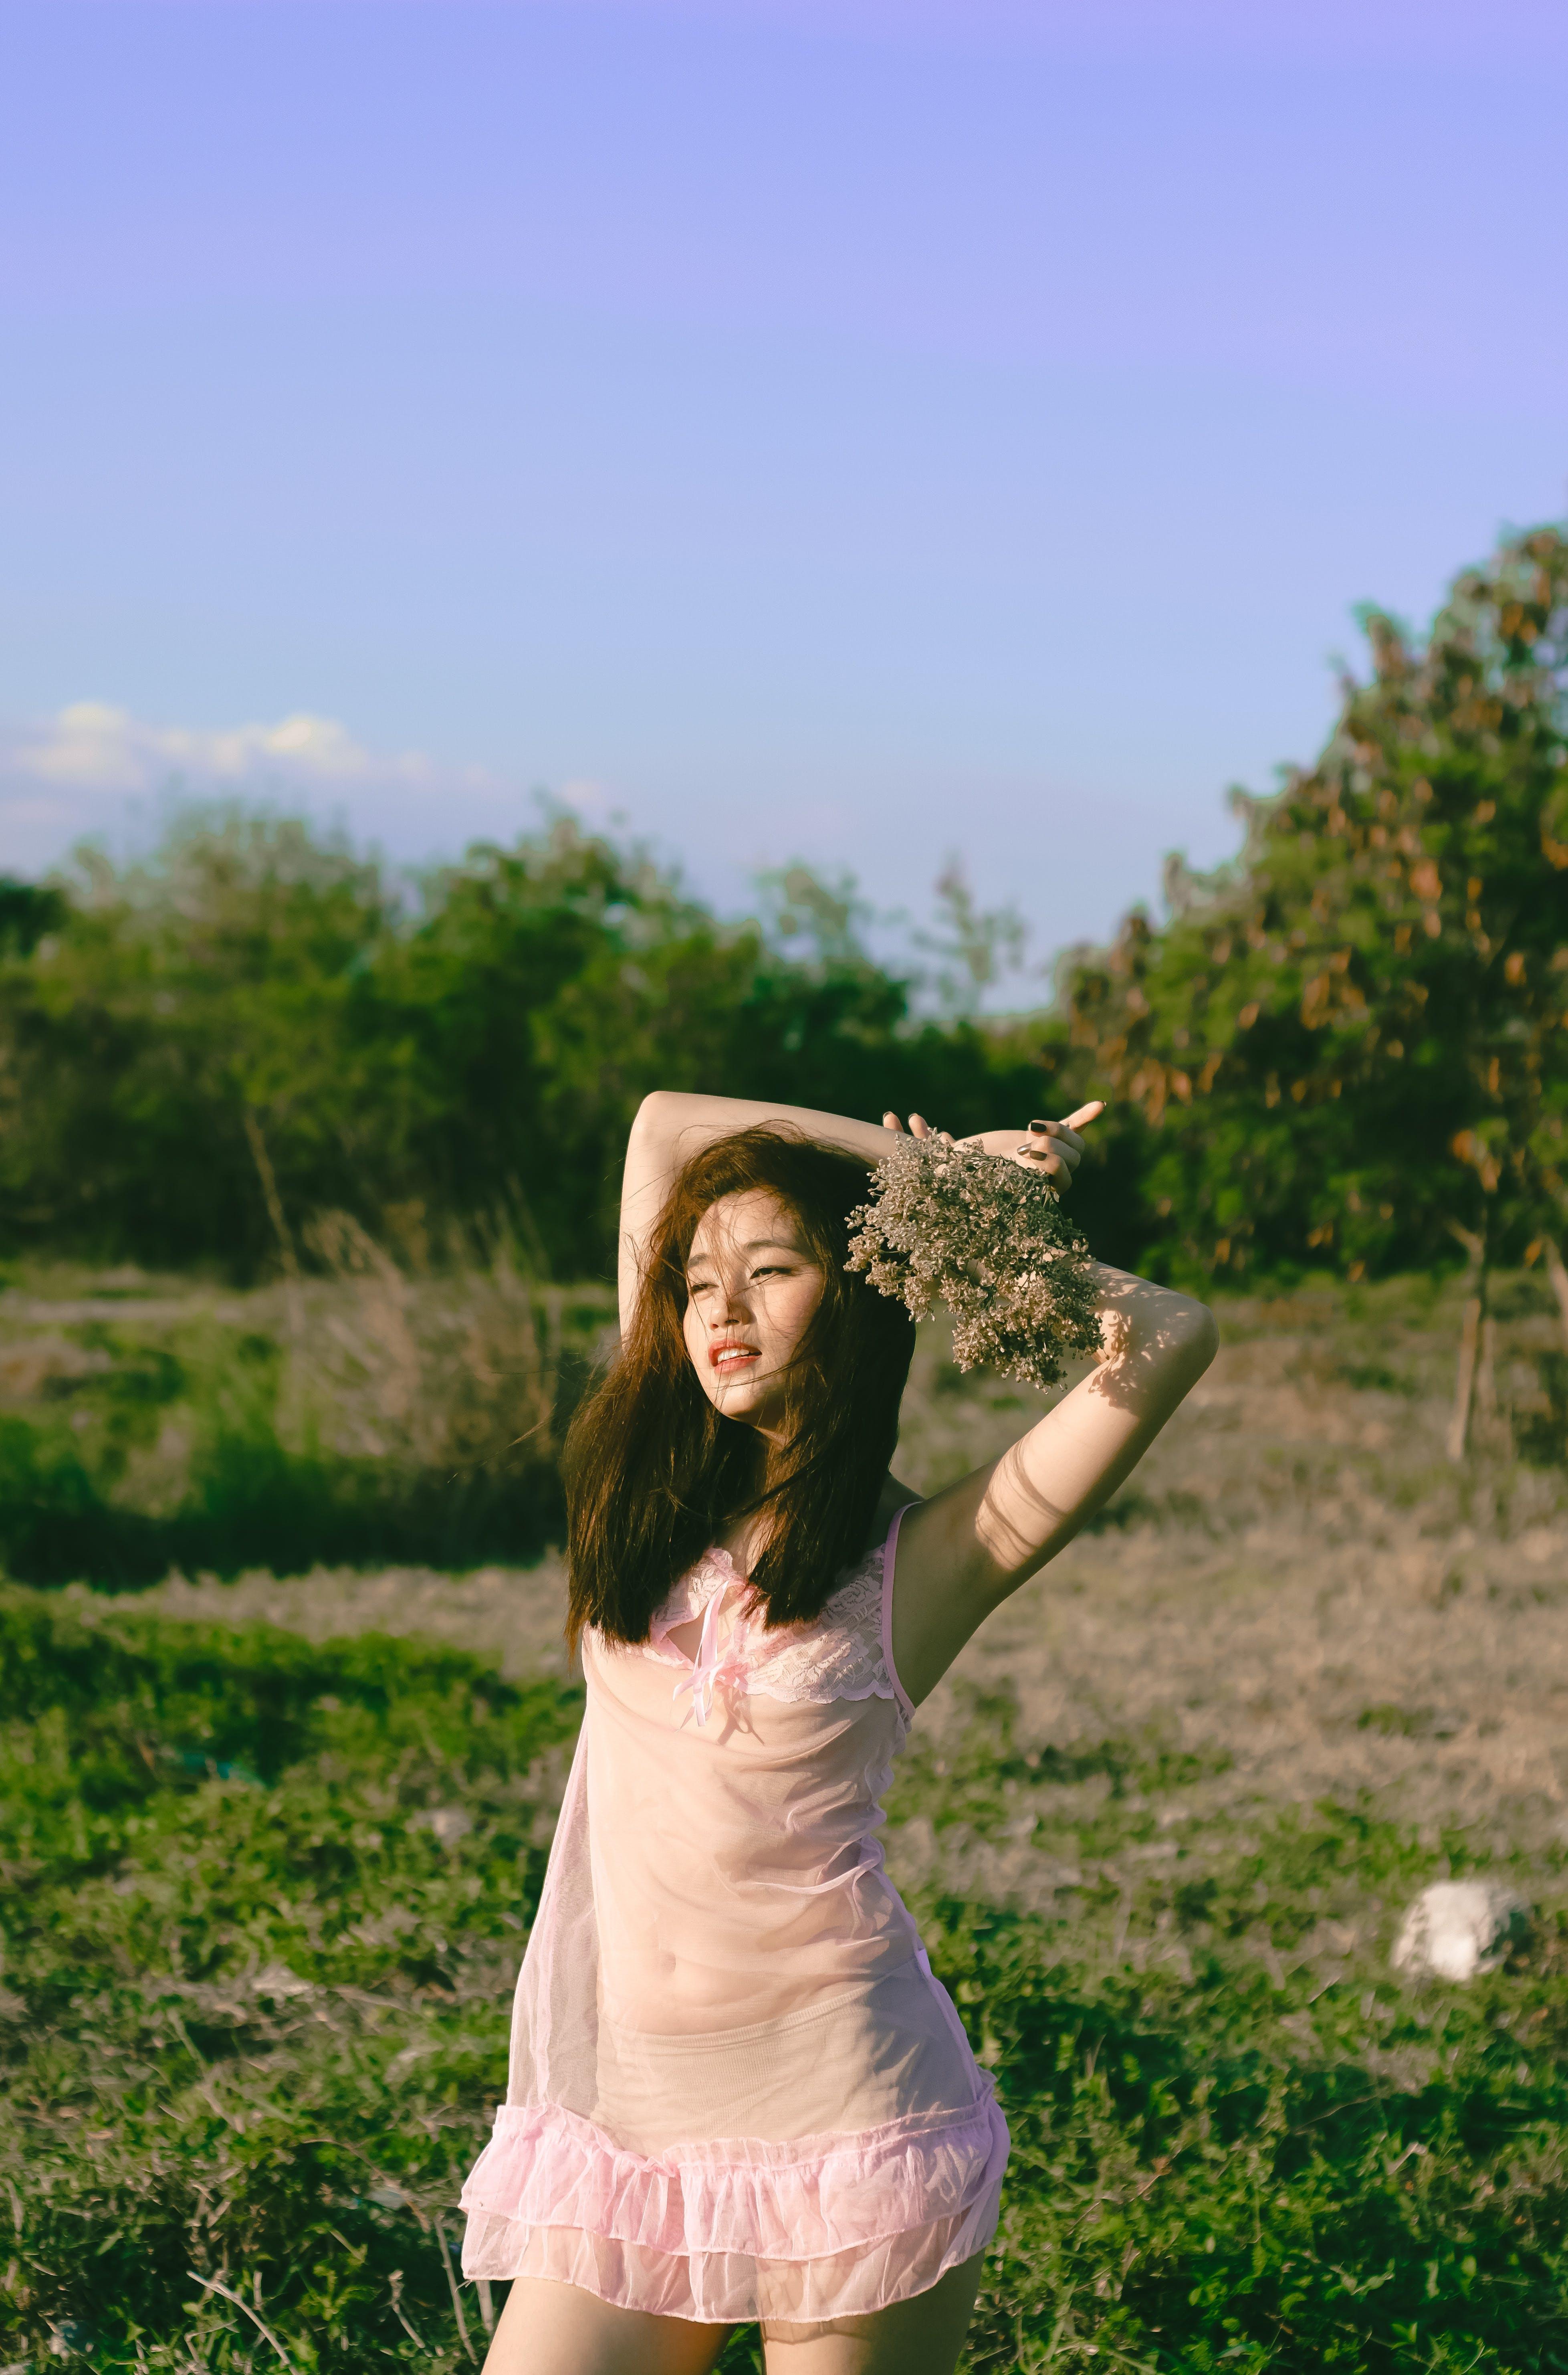 亞洲女人, 亞洲女孩, 享受, 休閒 的 免费素材照片